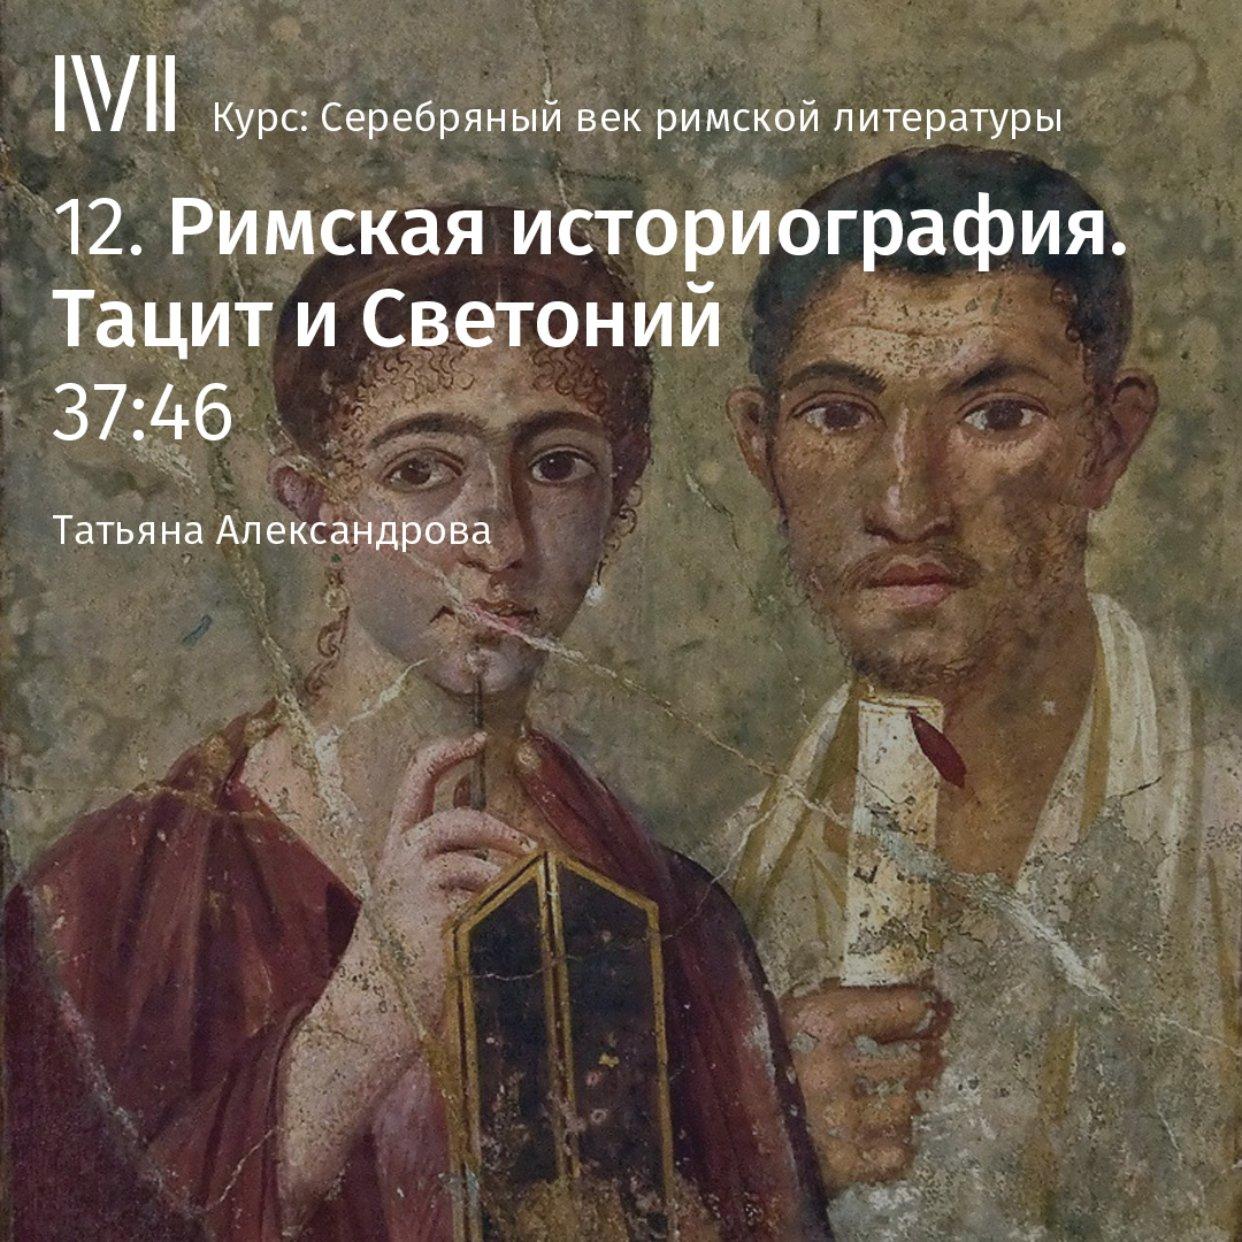 Историография: Тацит, Светоний